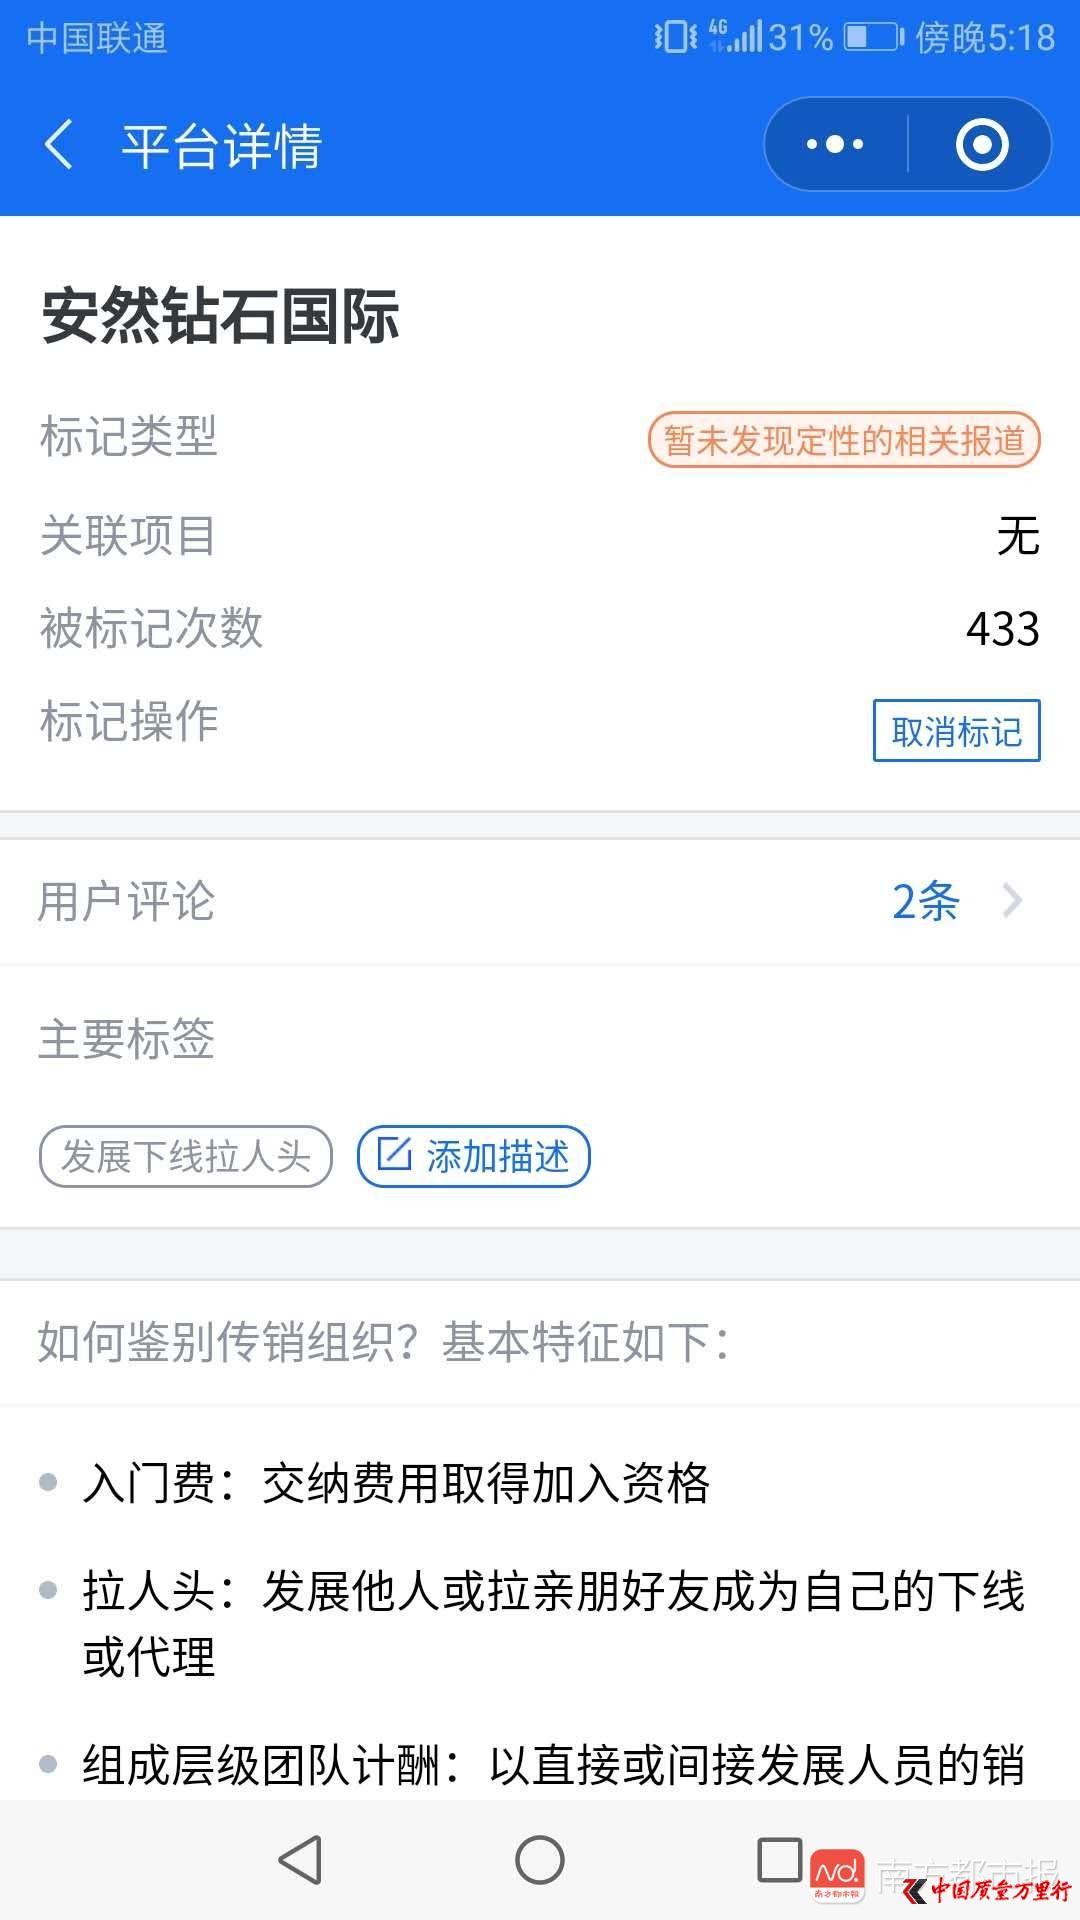 腾讯灵鲲平台不少人举报安然钻石涉传.jpg